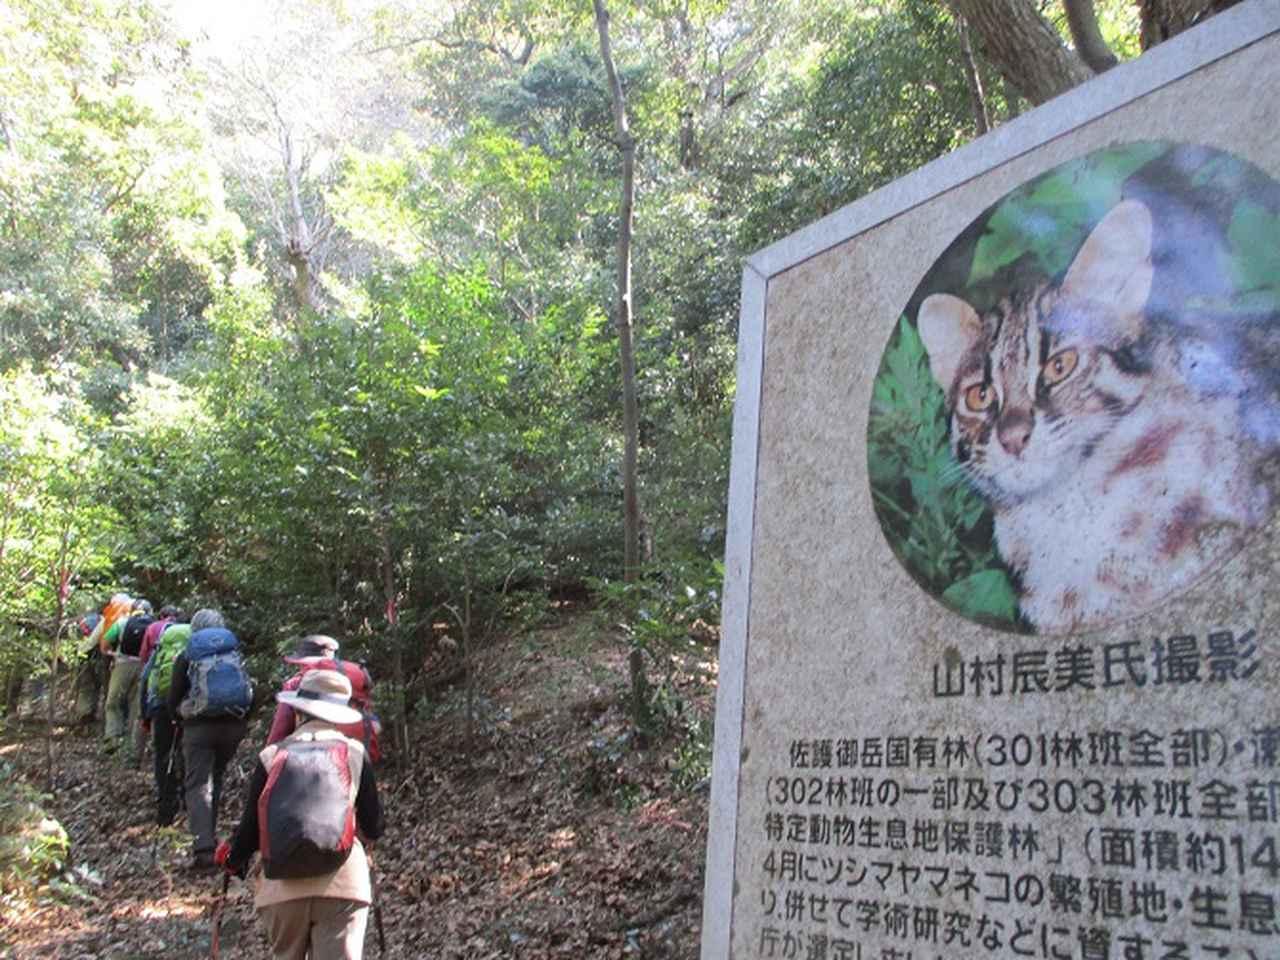 画像5: 【山旅会・登山ガイドこだわりツアー】添乗員からの便り・対馬の御岳へいってきました!